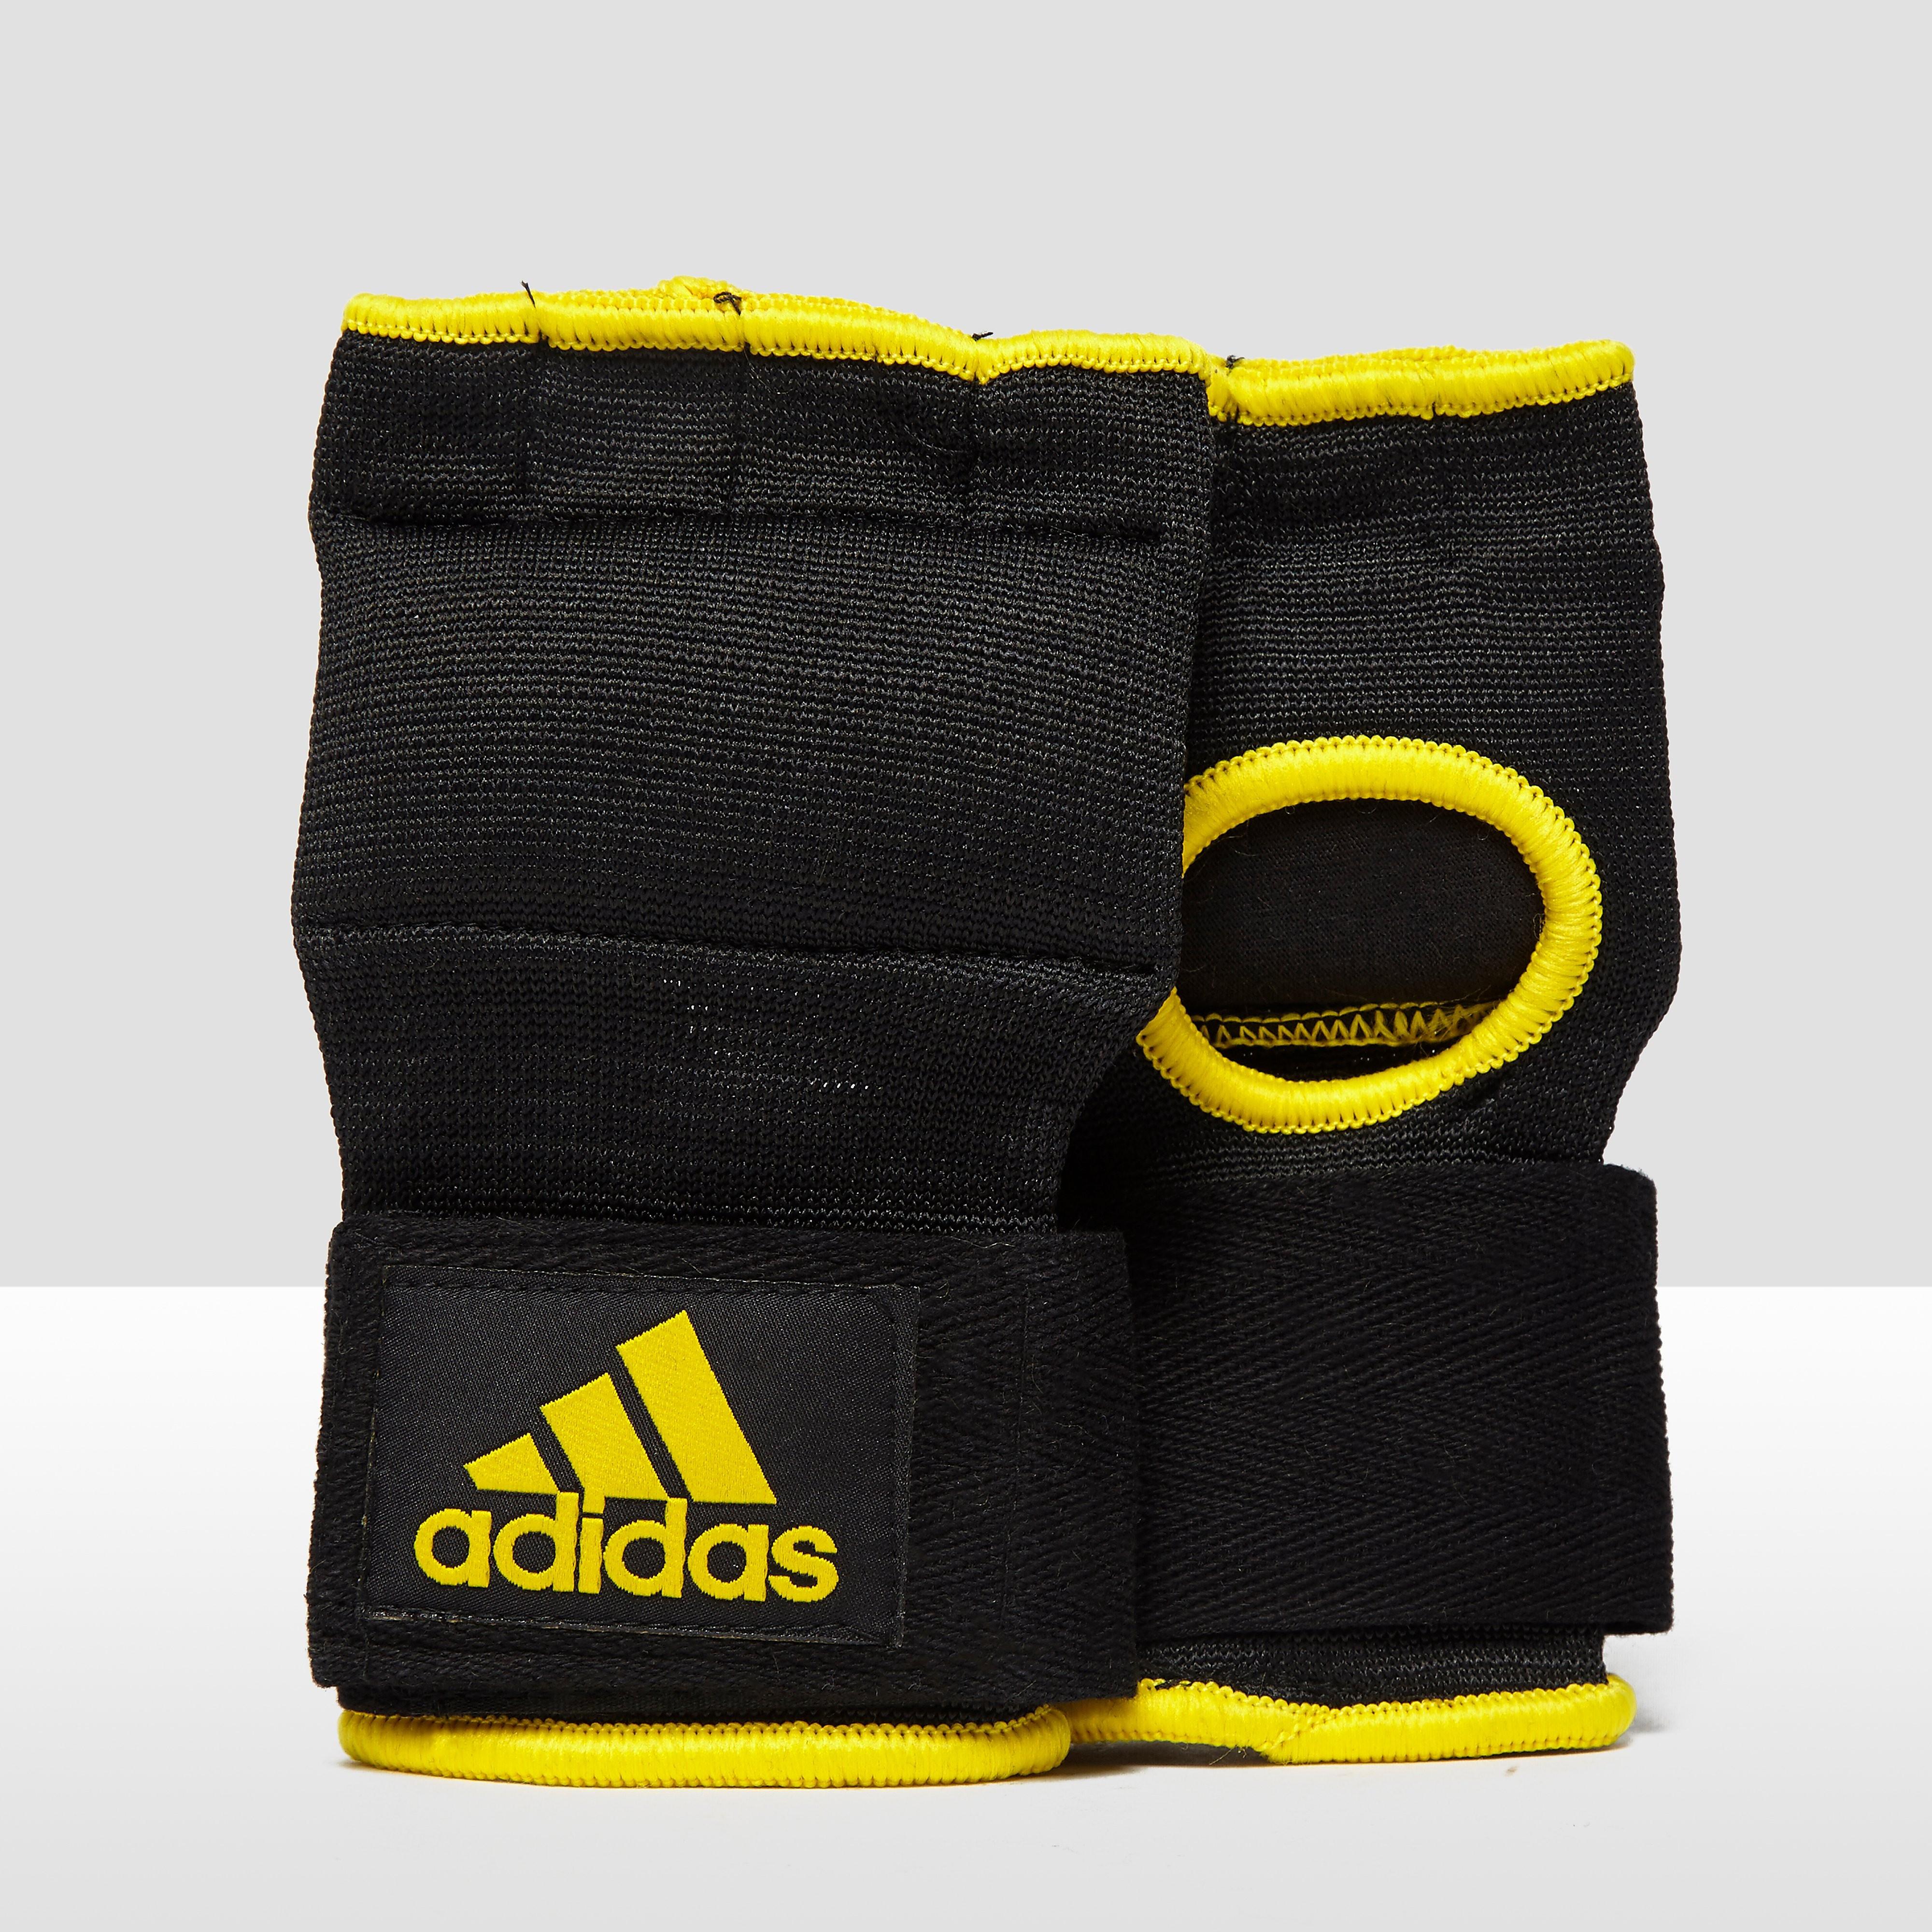 adidas Super Padded Inner Gloves